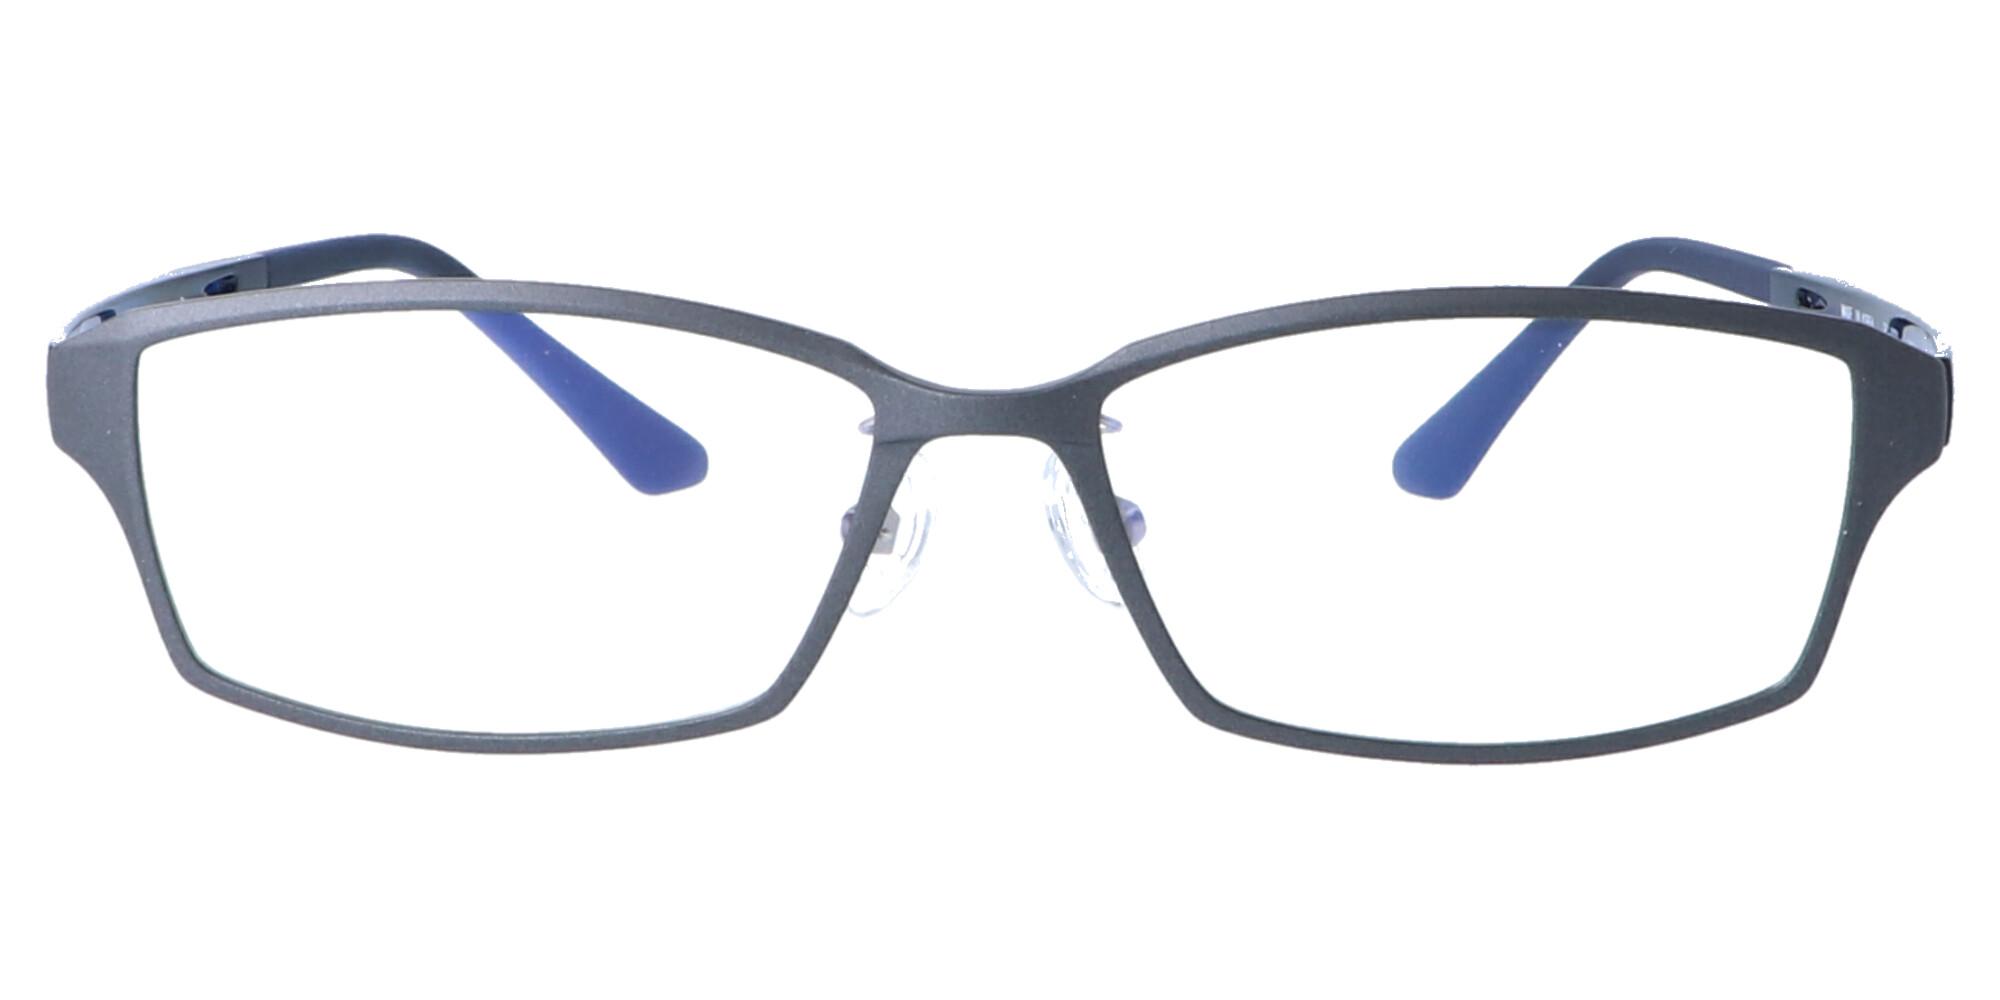 アイクラウド EC1031_54_グレーパールマット/ブルー